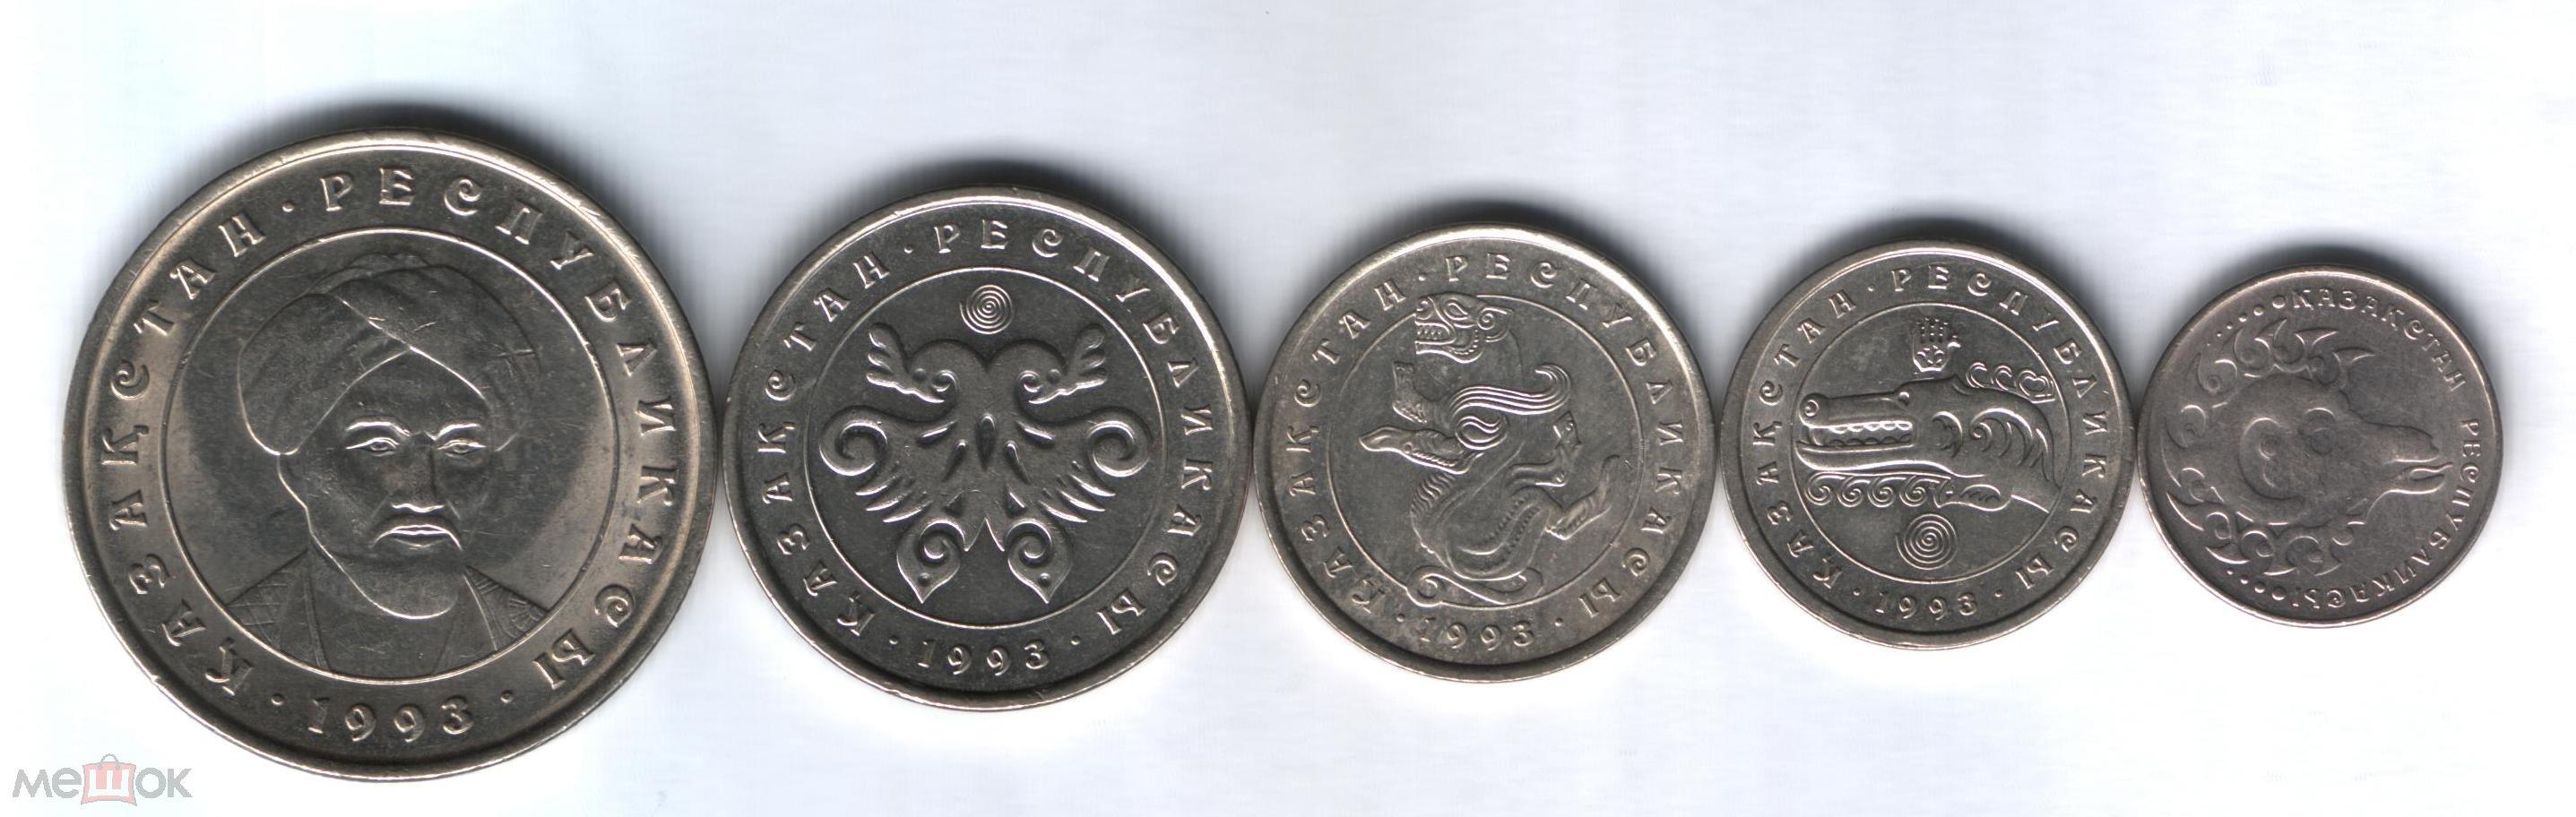 20 тенге казахстан 1993г купюры 500 рублей